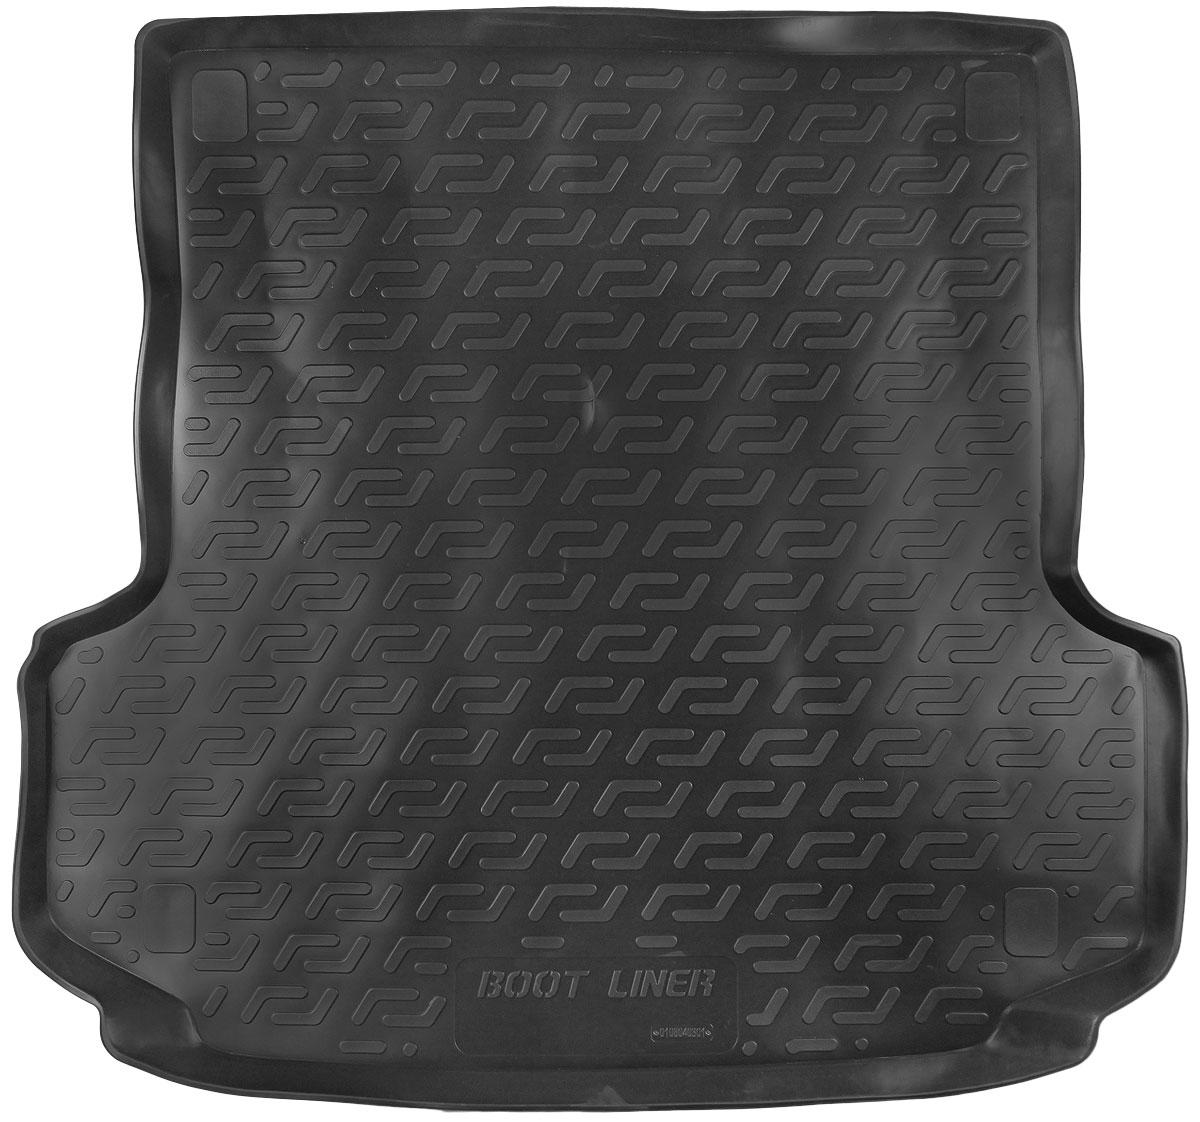 Коврик в багажник L.Locker, для Mitsubishi Pajero Sport II (08-)0108040301Коврик L.Locker производится индивидуально для каждой модели автомобиля из современного и экологически чистого материала. Изделие точно повторяет геометрию пола автомобиля, имеет высокий борт, обладает повышенной износоустойчивостью, антискользящими свойствами, лишен резкого запаха и сохраняет свои потребительские свойства в широком диапазоне температур (от -50°С до +80°С).